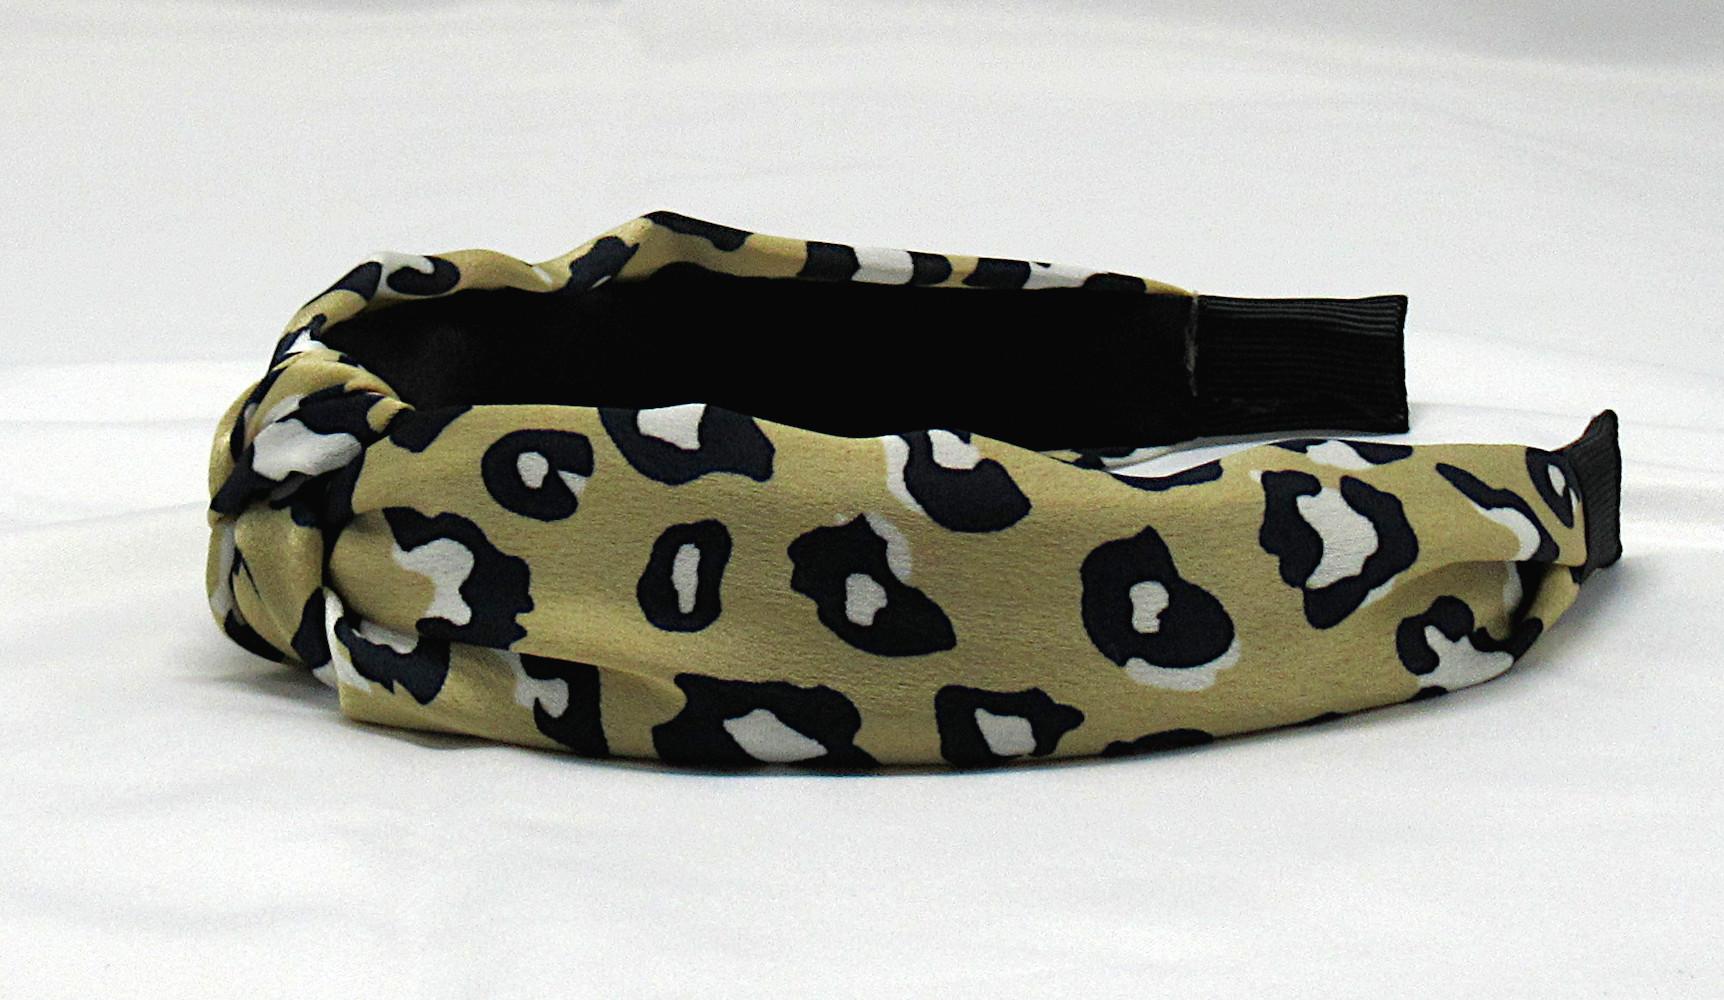 RJ-HB04_Leopard Print Knotted Headband-Khaki5